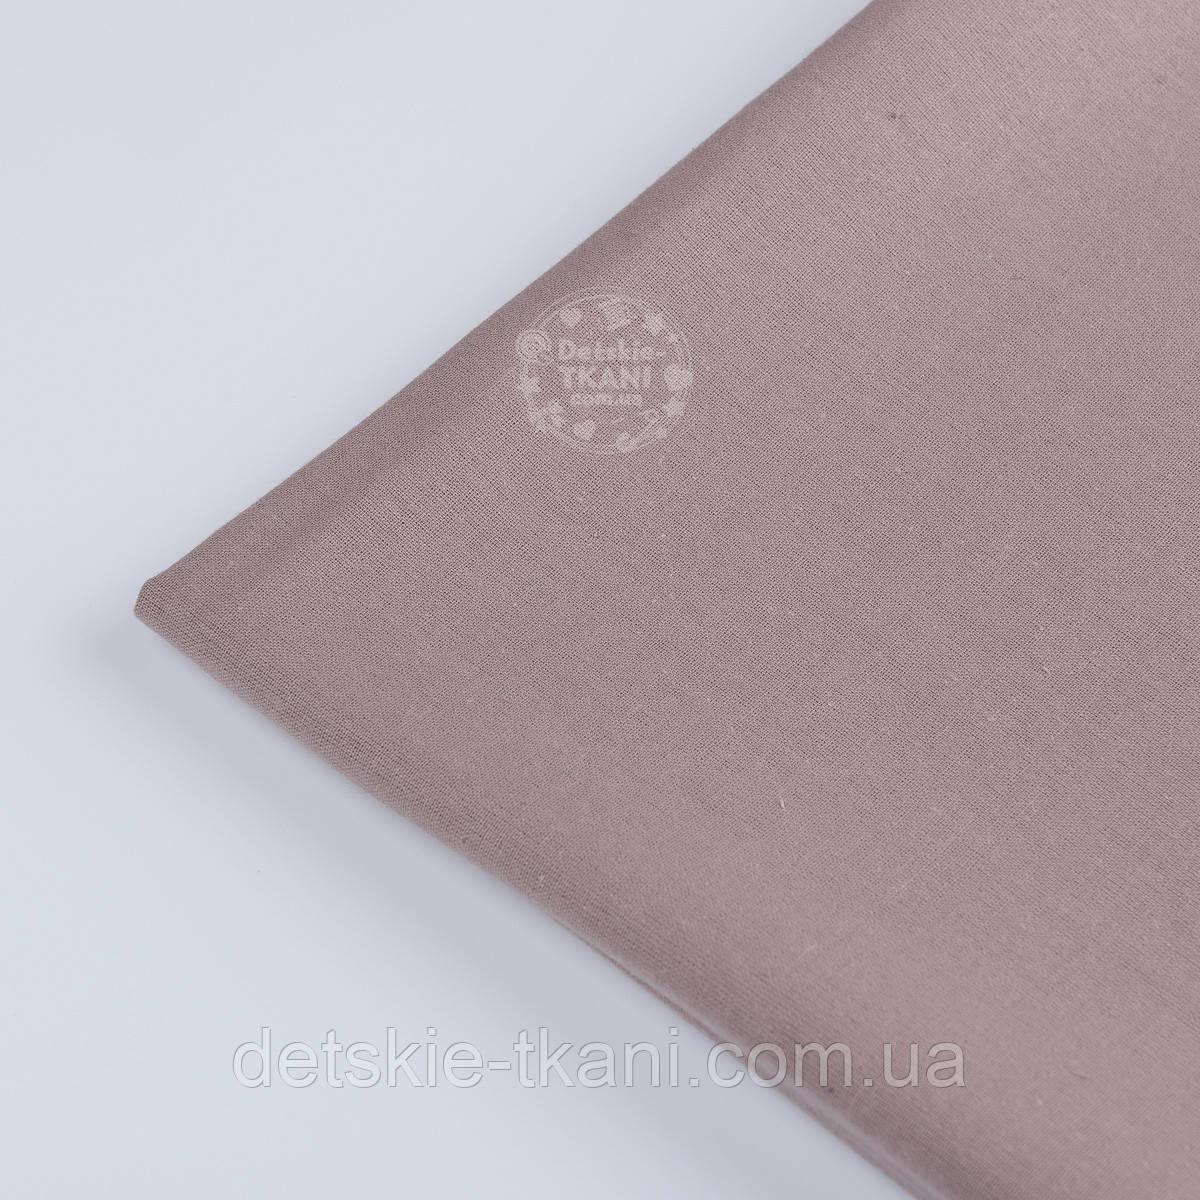 Лоскут ткани №265 однотонная  бязь цвет капучино (тёмно-кофейный), размер 41*80 см